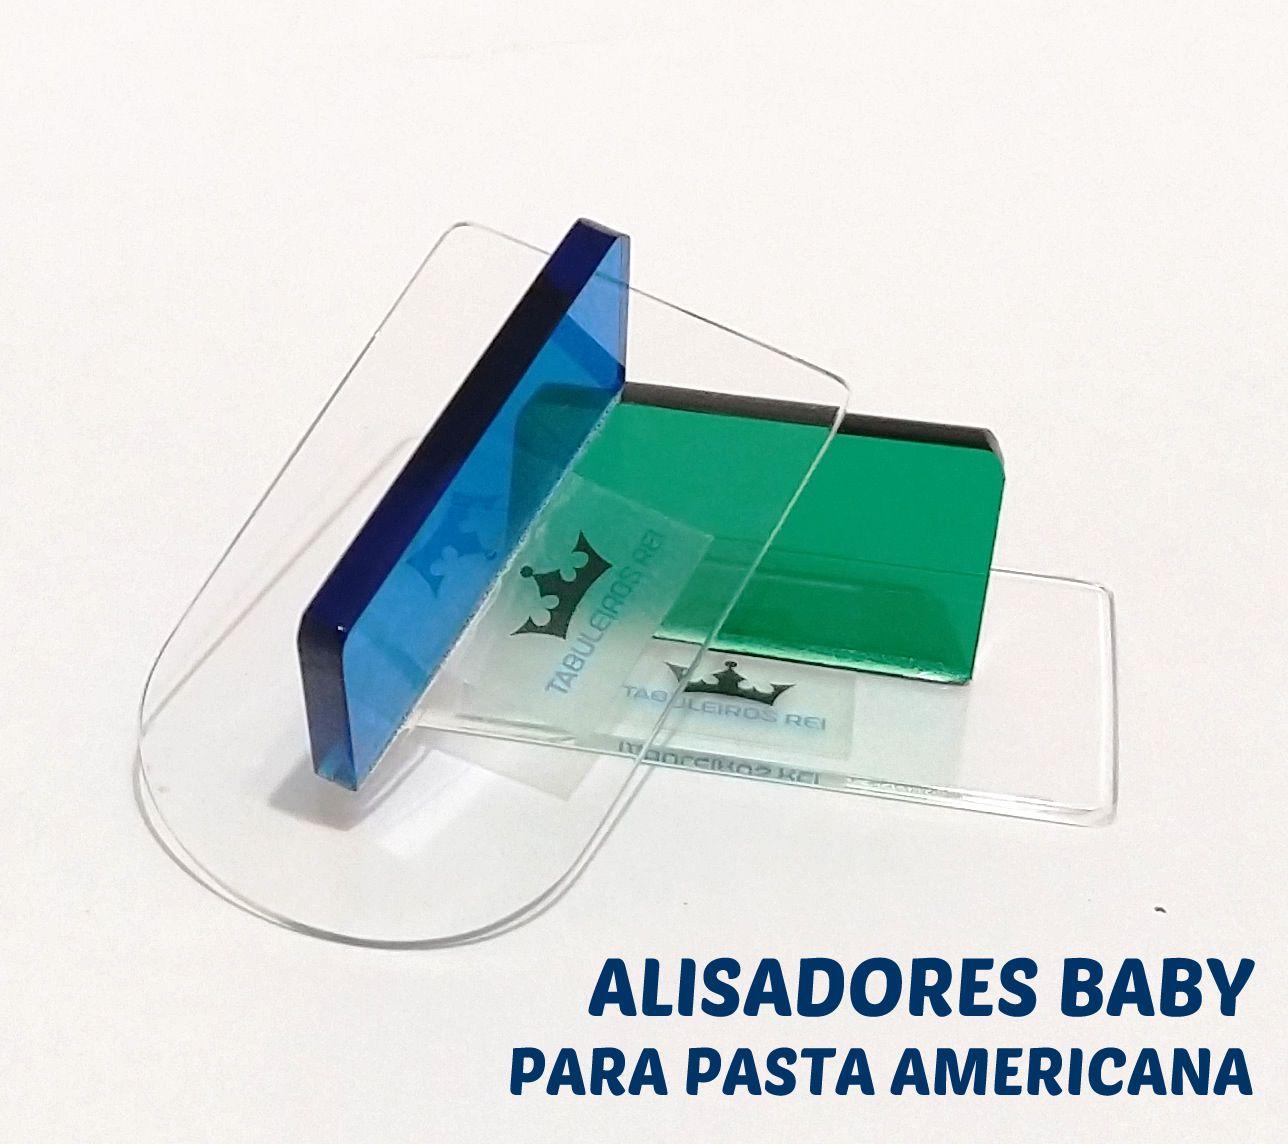 Kit Alisador Baby para quinar bolo em acrílico